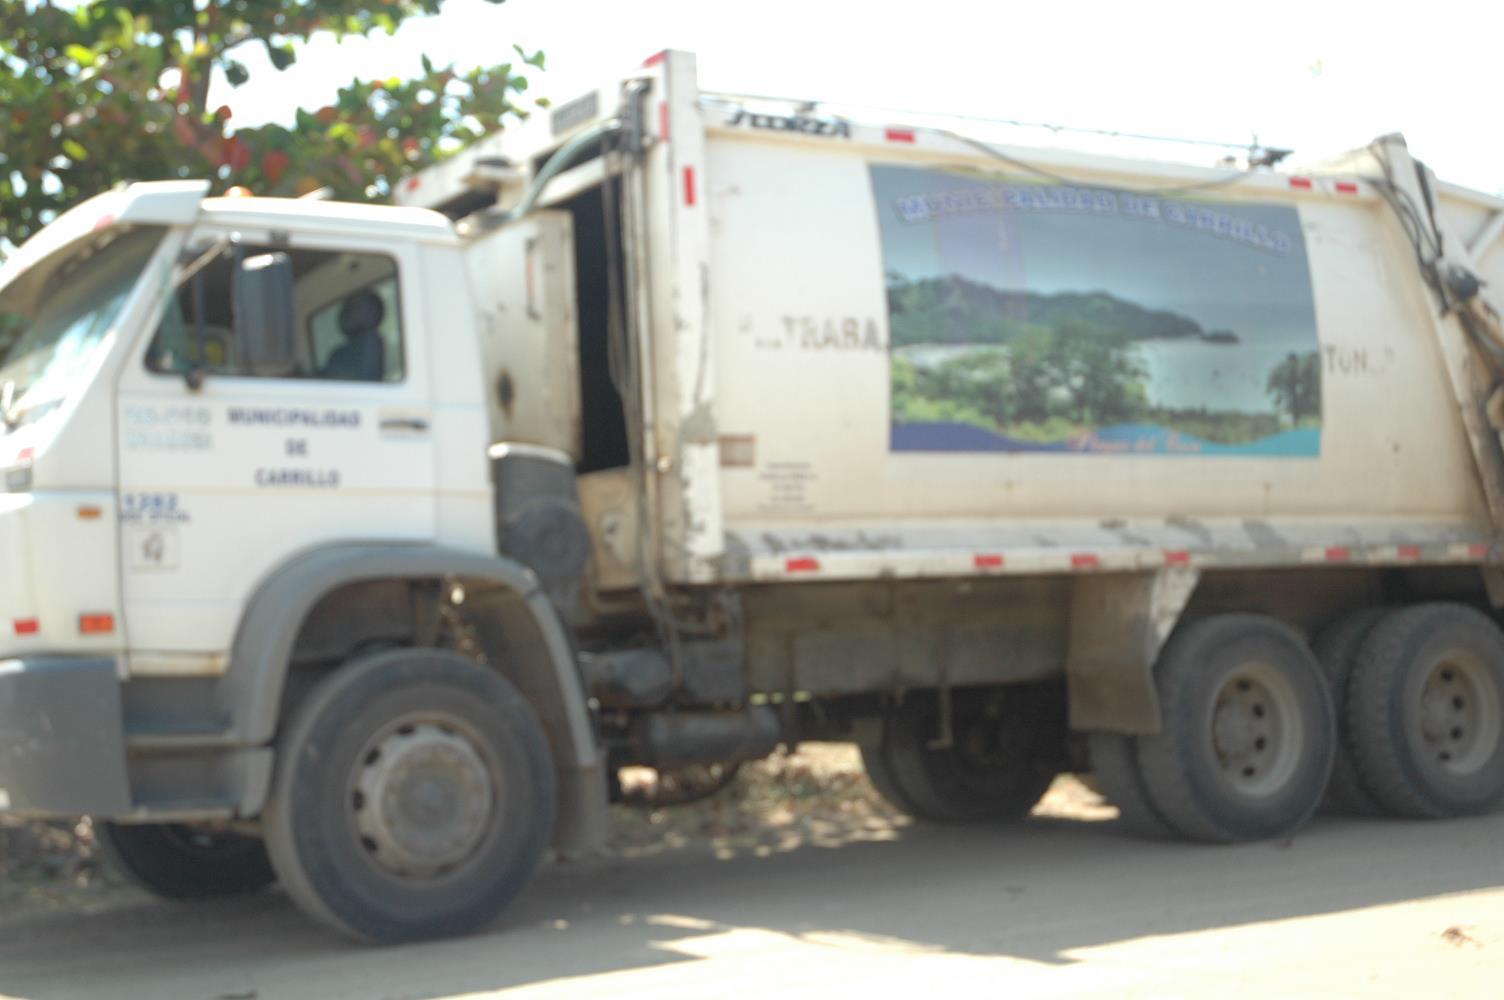 Municipalidad del Cantón de Carrillo, no está recolectando los desechos sólidos del Cantón